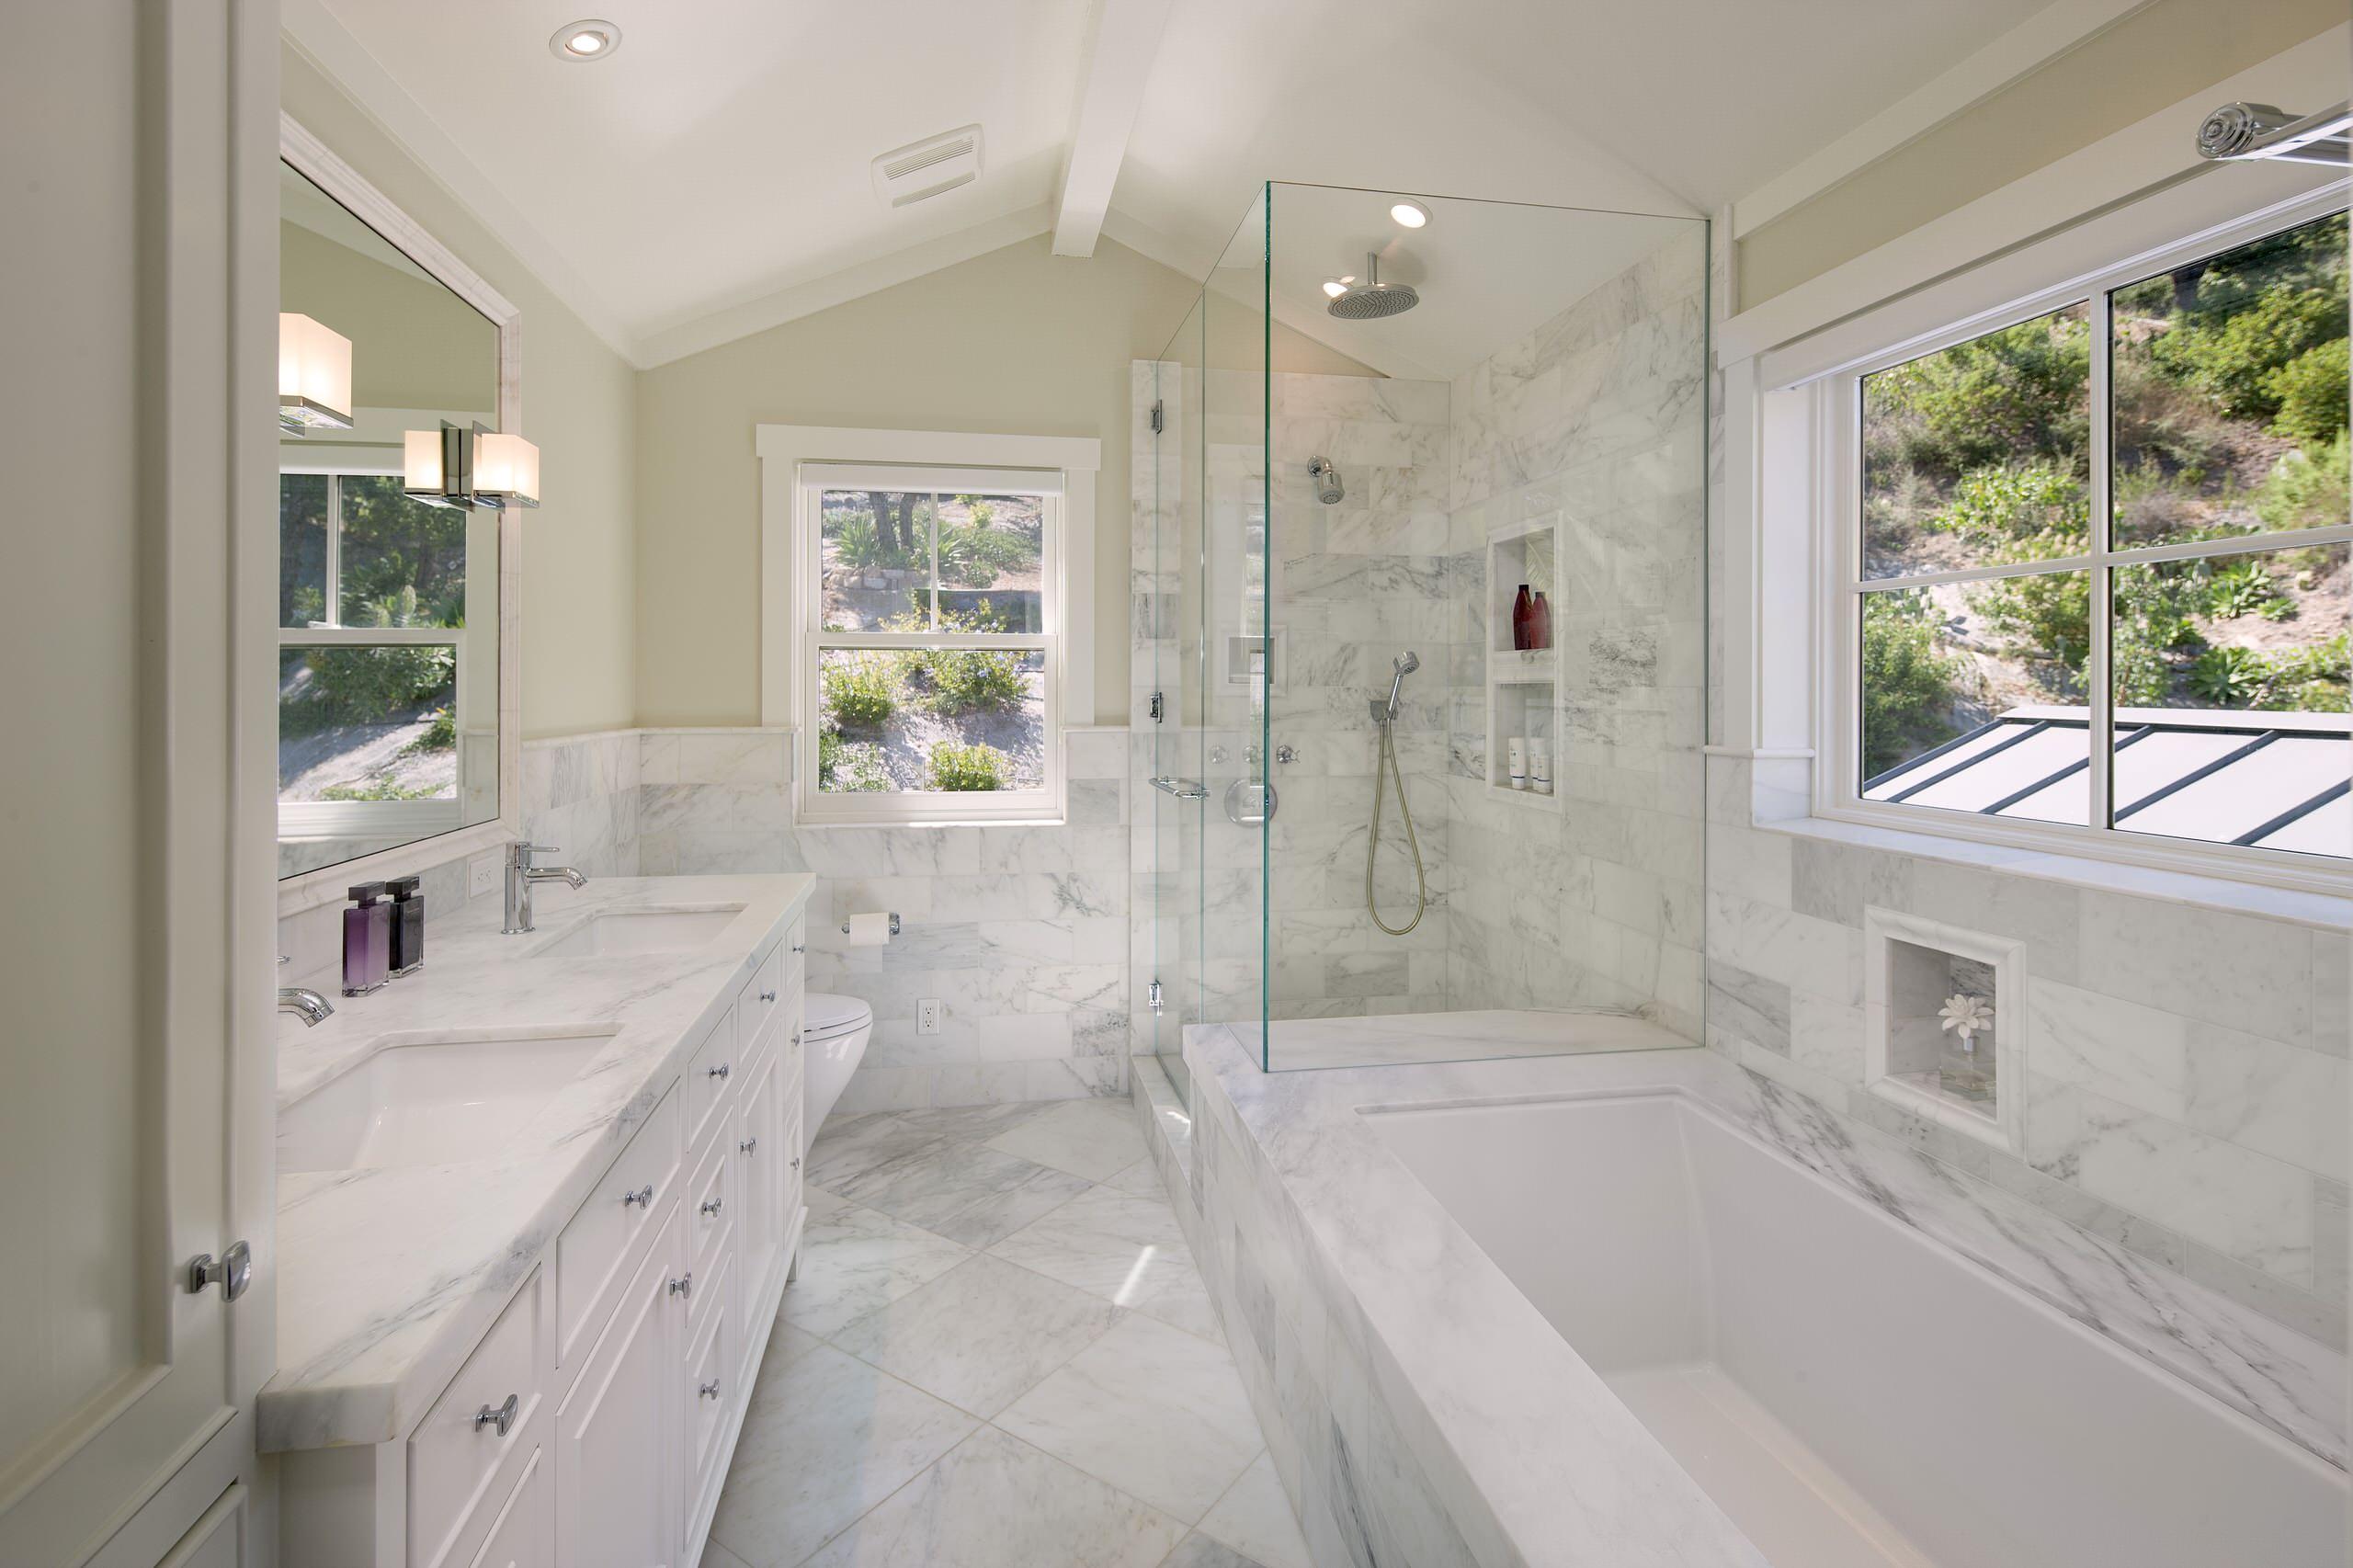 8x11 Bathroom Ideas Photos Houzz